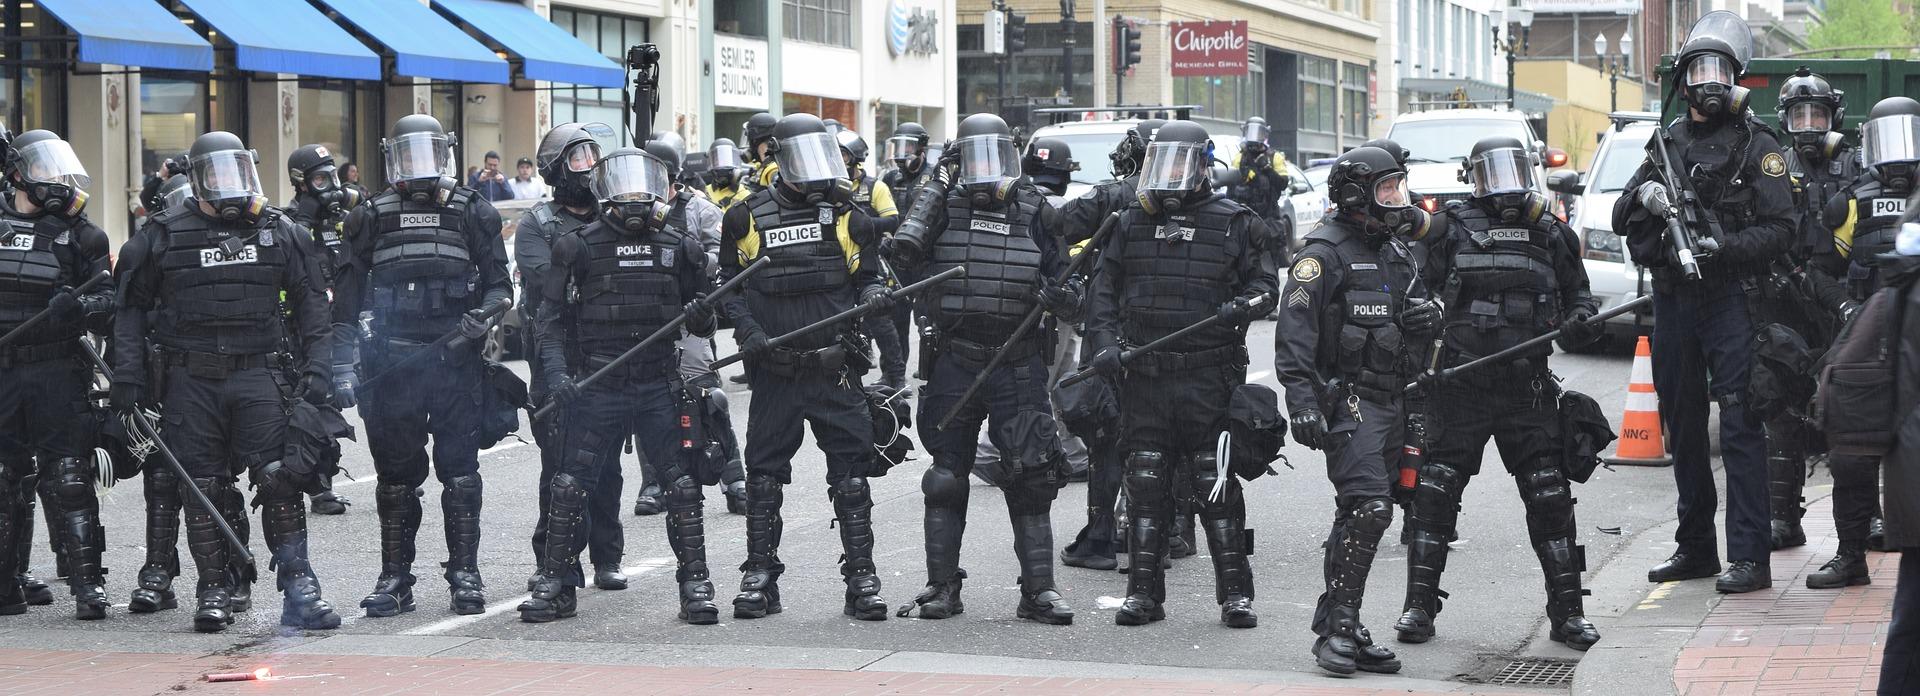 zachowanie protestujący policji